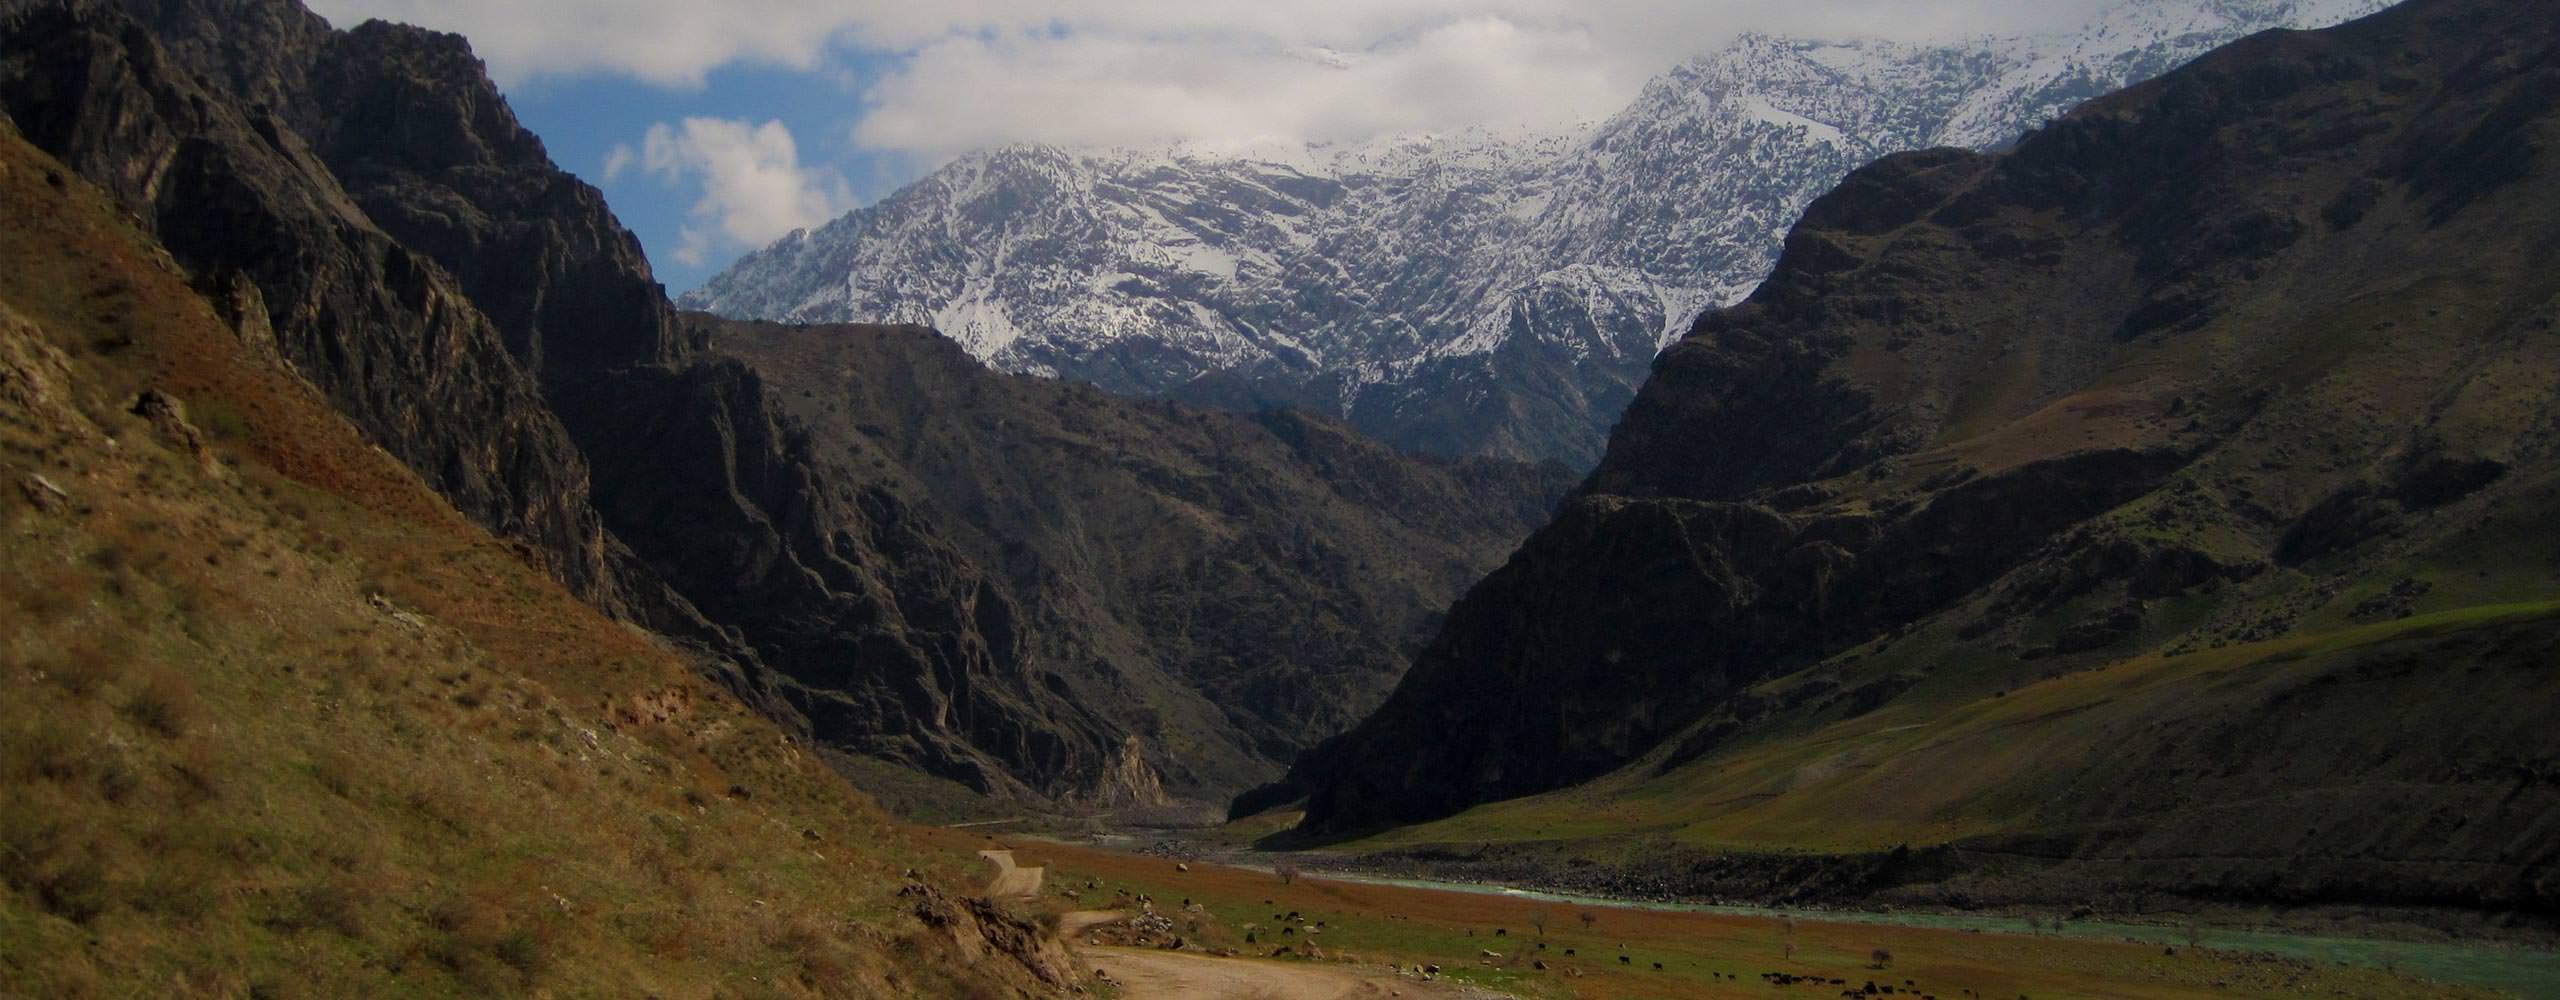 נופי רכס הפמיר בטיול ג'יפים לטג'יקיסטן